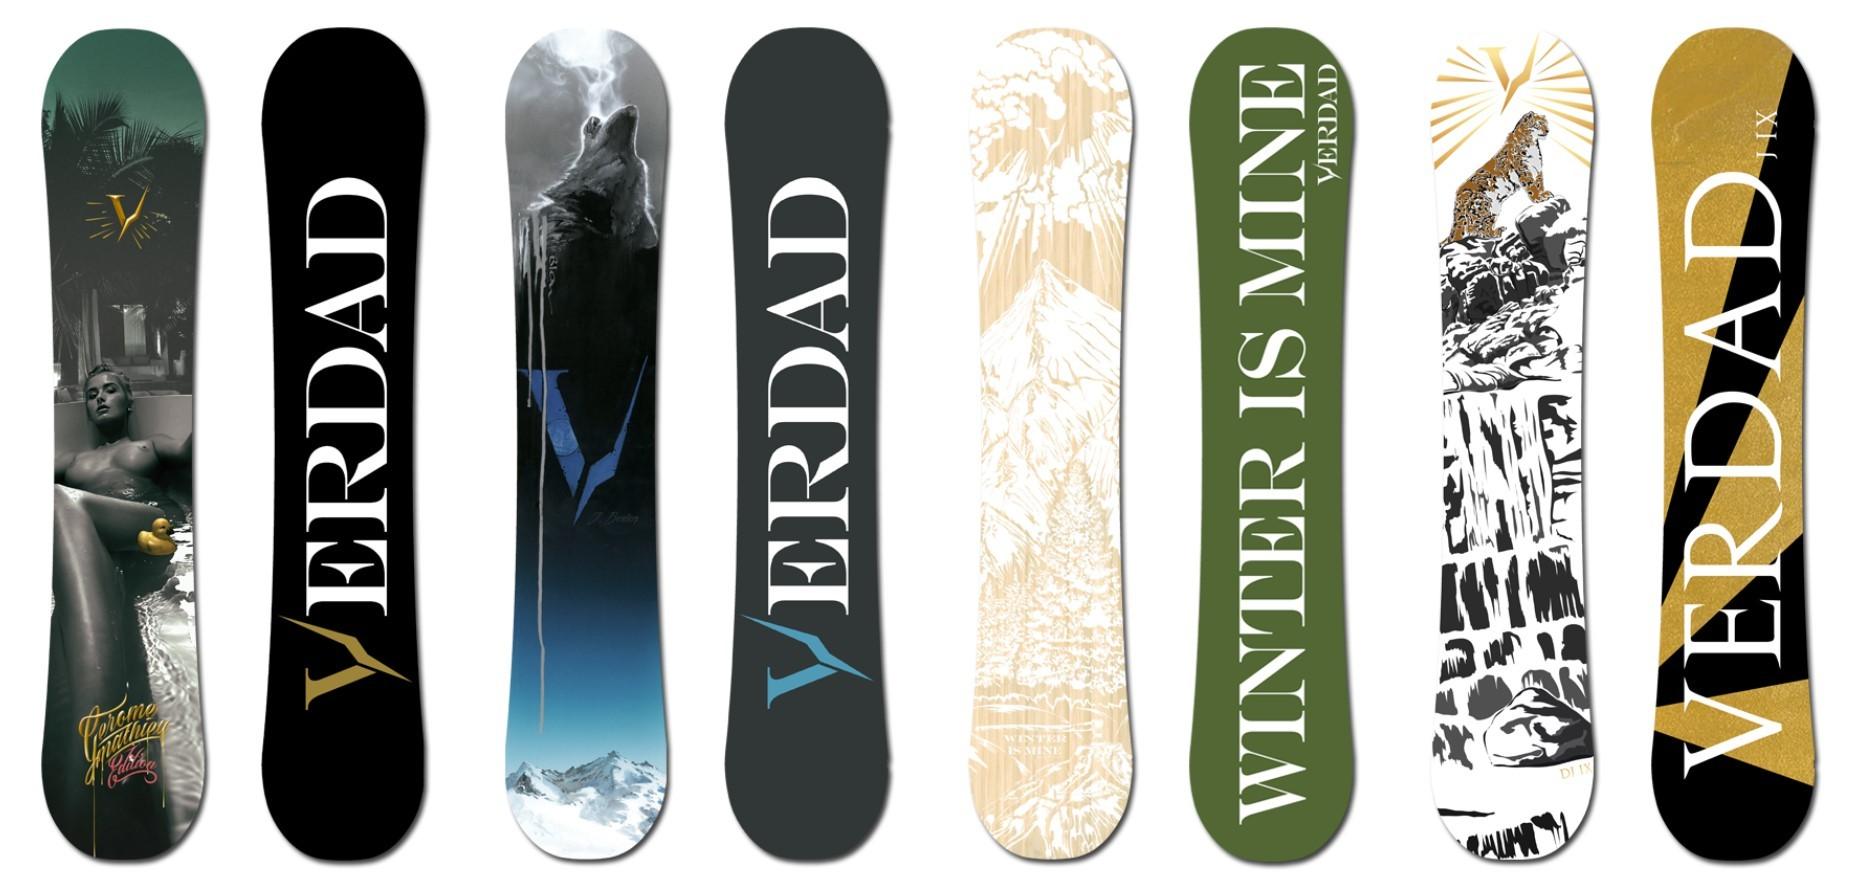 Snowboards Verdad 2018 Glisshop